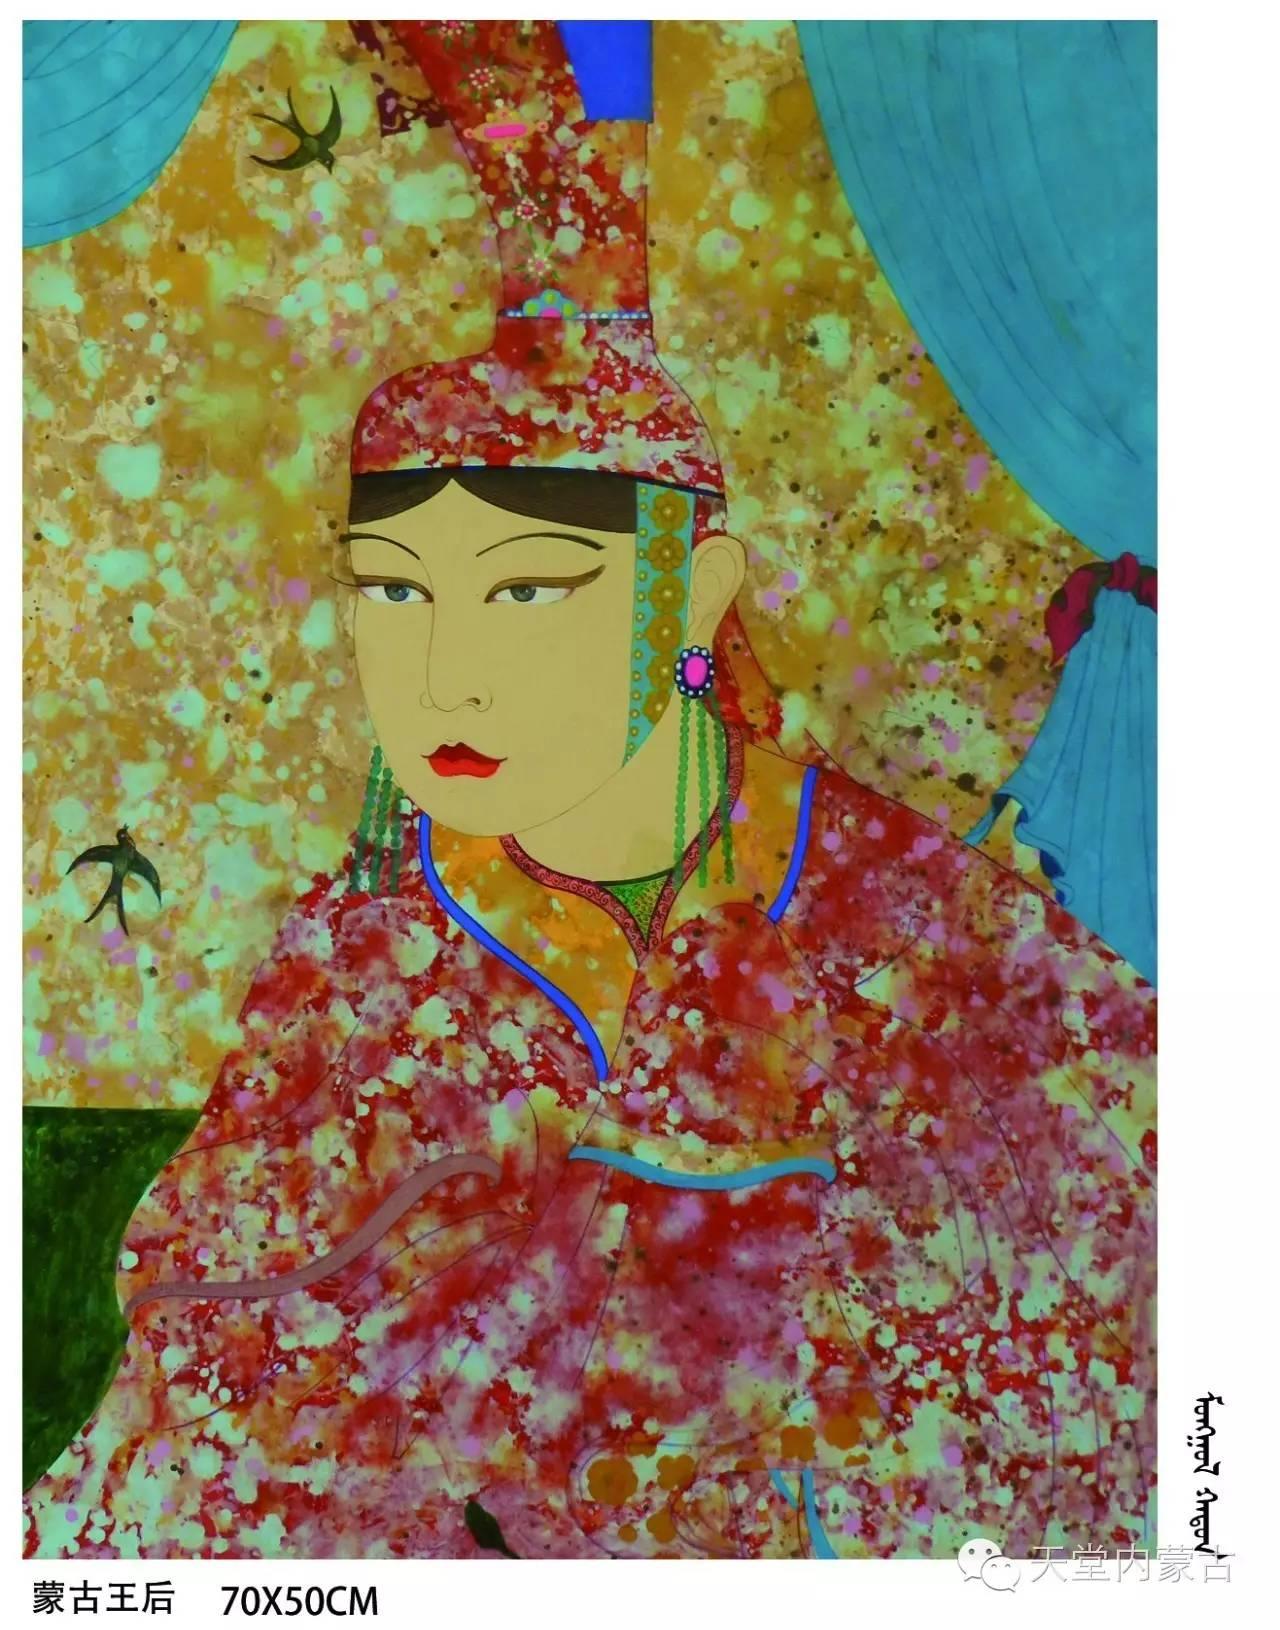 🔴内蒙古蒙古画艺术家乌云额尔德尼《故乡的呼唤》个人艺术展 第9张